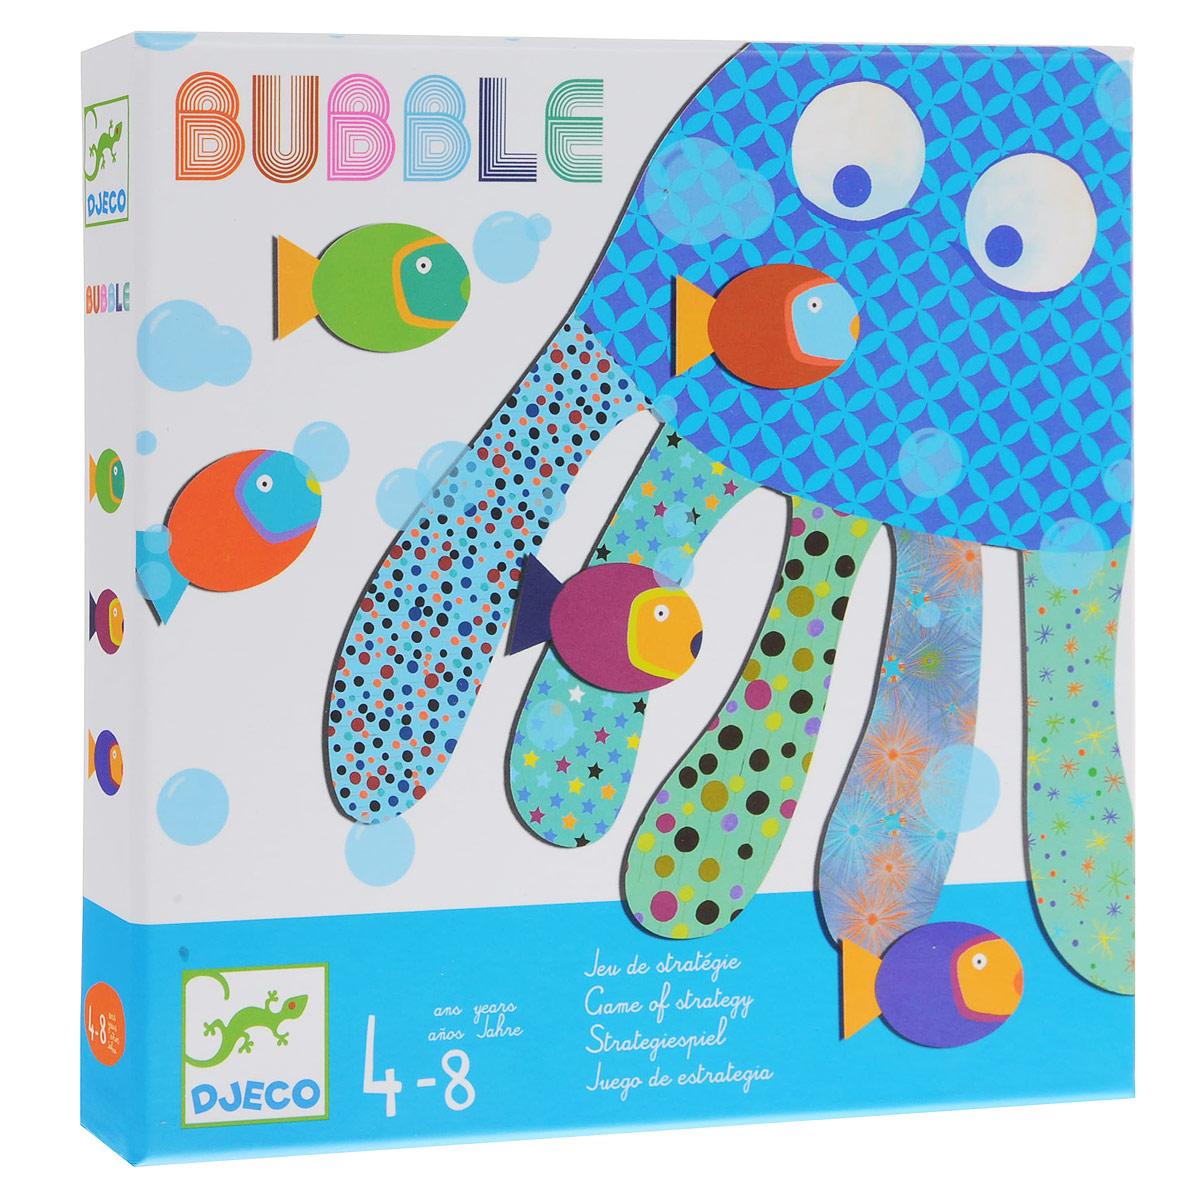 Настольная игра Djeco Пузыри08459Настольная игра Djeco Пузыри. Весёлая и забавная морская игра для любителей рыб. Цель игры – посадить пять рыб на своего осьминога по одной на каждую щупальцу. В процессе этой игры у Вашего малыша развивается внимательность, развивается мелкая моторика пальчиков рук, усидчивость. Очаровательная и познавательная игра для Вашего малыша